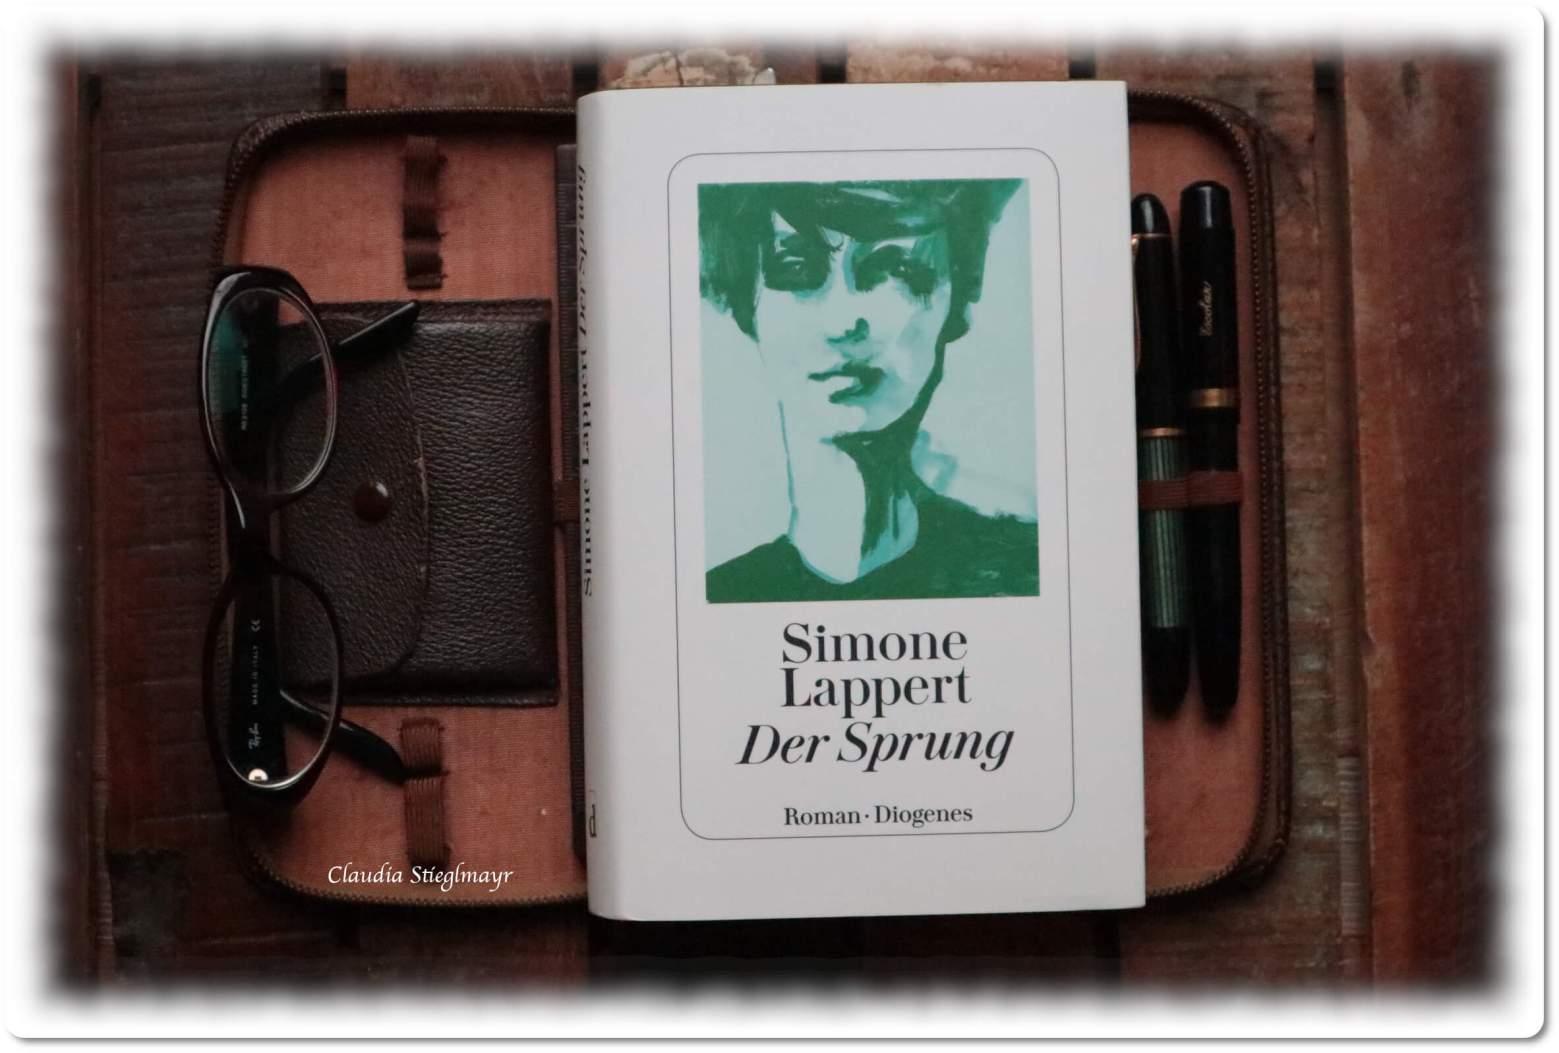 »Der Sprung« Simone Lappert